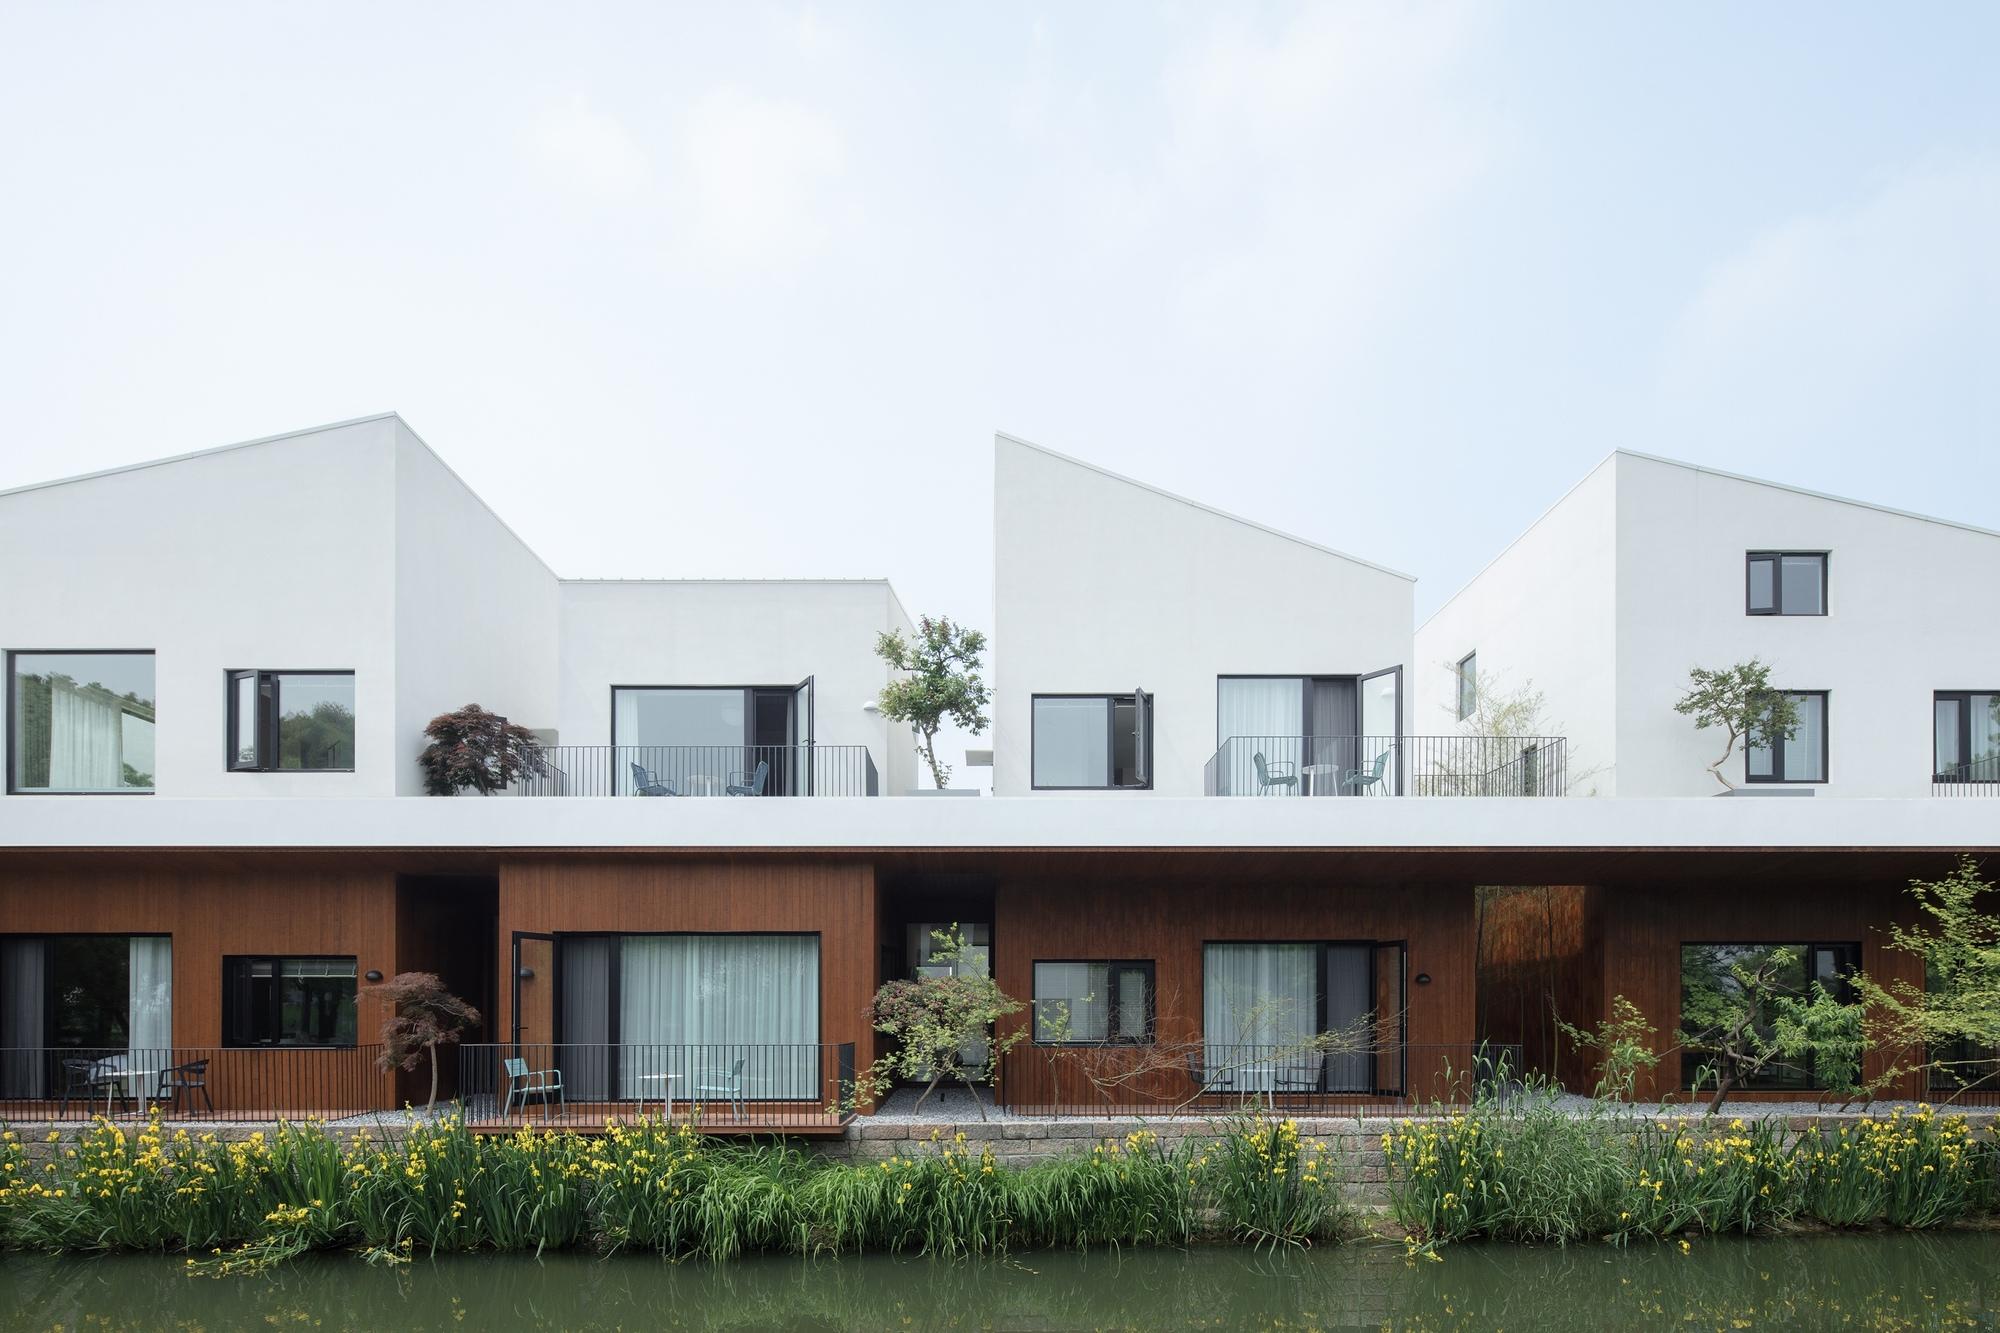 BAN Villa / B.L.U.E. Architecture Studio